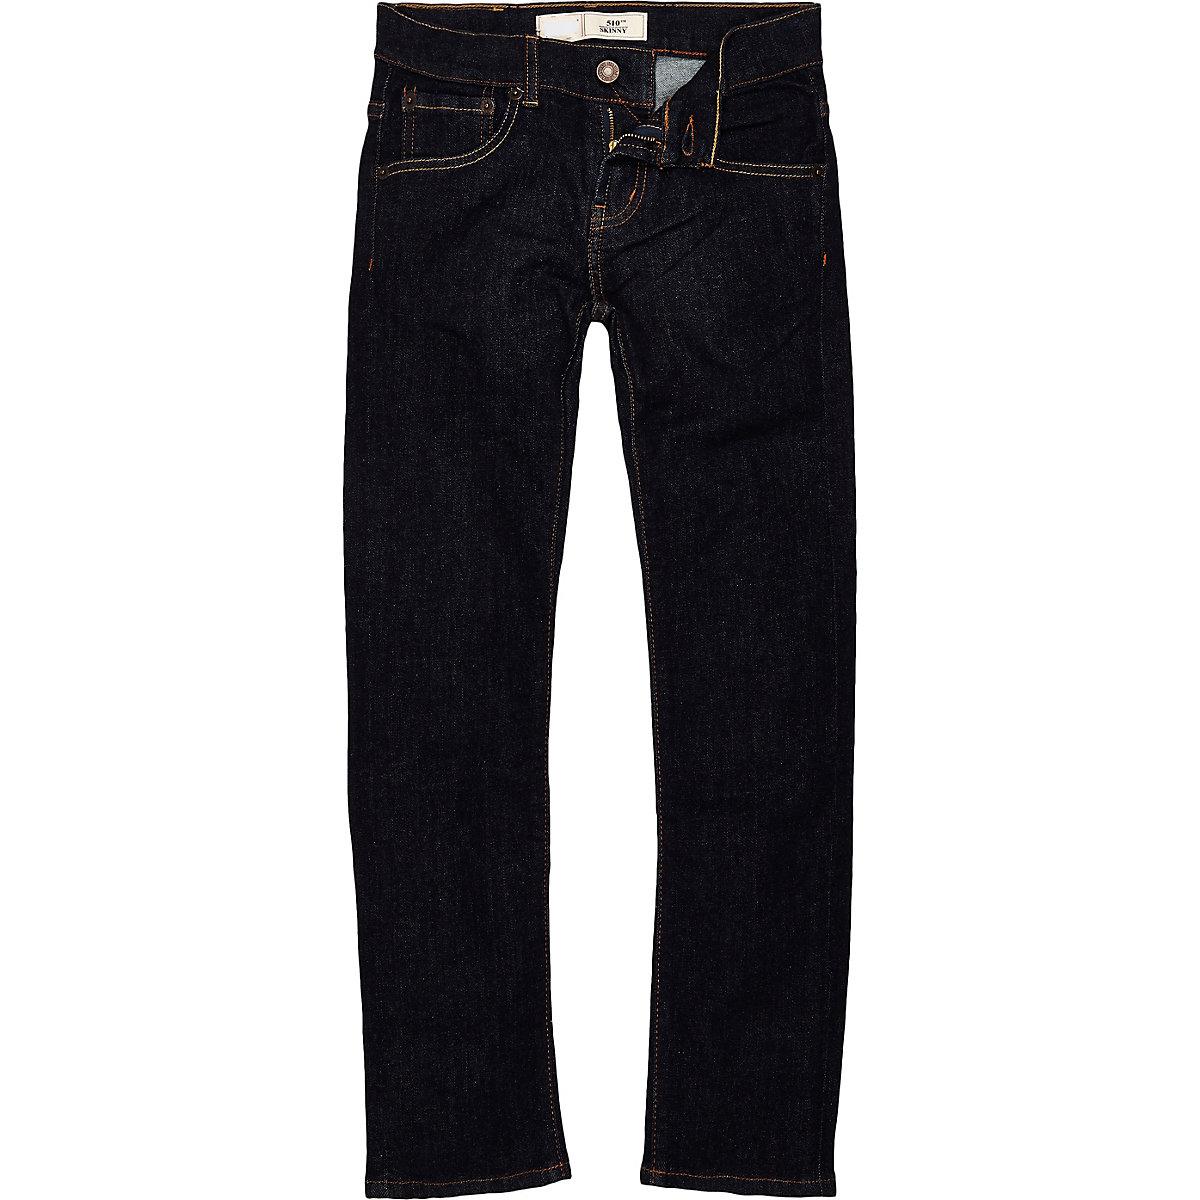 Levi's – Schwarze Jeans